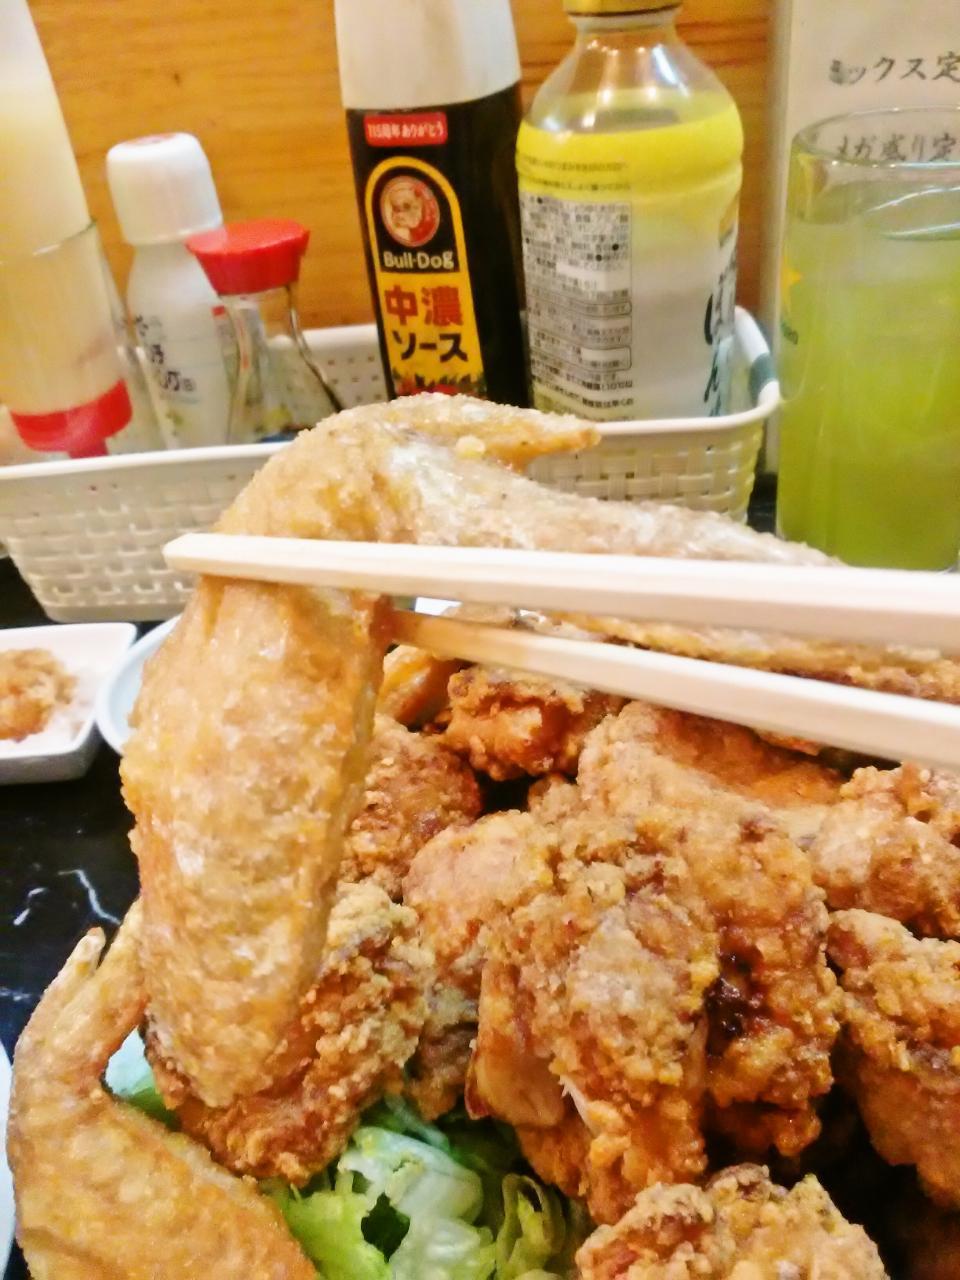 あげ市 鶴見店(腹減った)